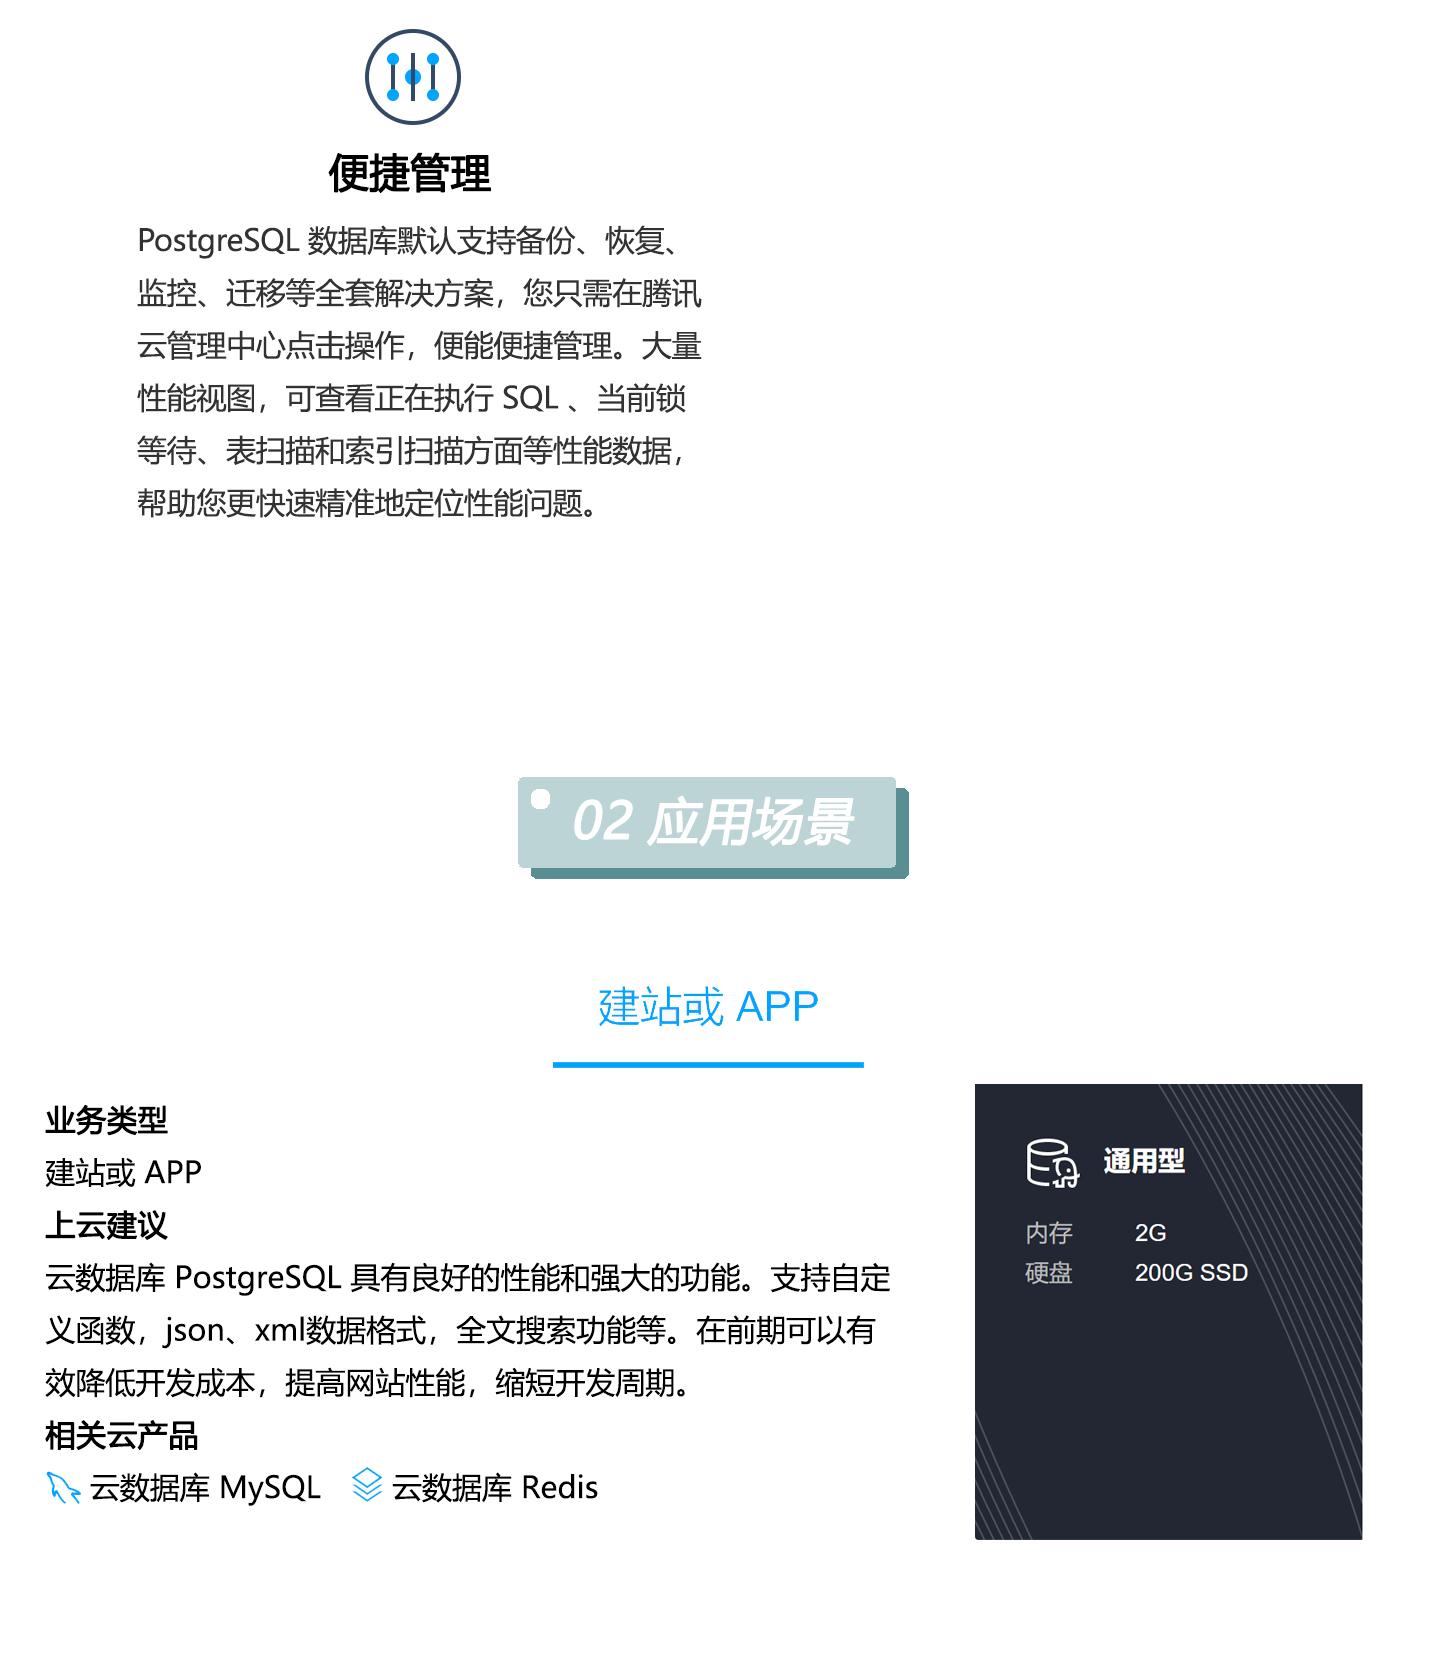 云数据库-TencentDB-for-PostgreSQL-1440_02.jpg